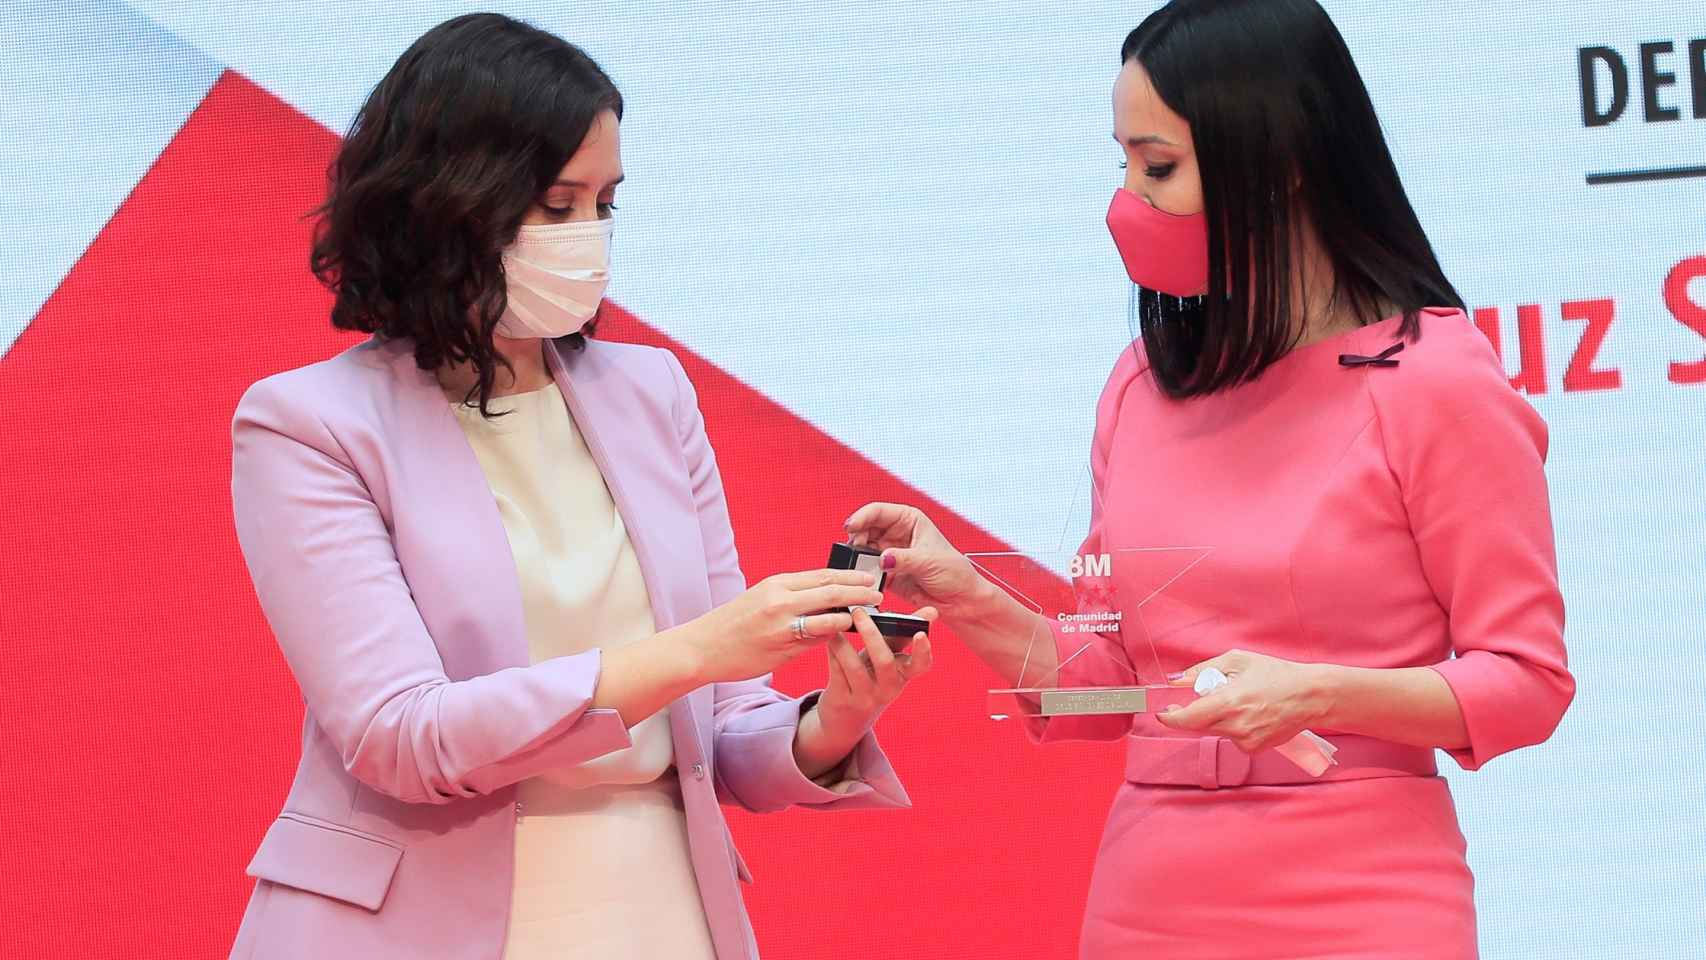 La presidenta de la Comunidad de Madrid, Isabel Díaz Ayuso (i), entrega un galardón a la abogada Cruz Sánchez de Lara, en la categoría de Derechos Humanos durante la entrega de los Reconocimientos 8 de Marzo que, con motivo del Día Internacional de la Mujer, otorga este lunes el Gobierno regional.